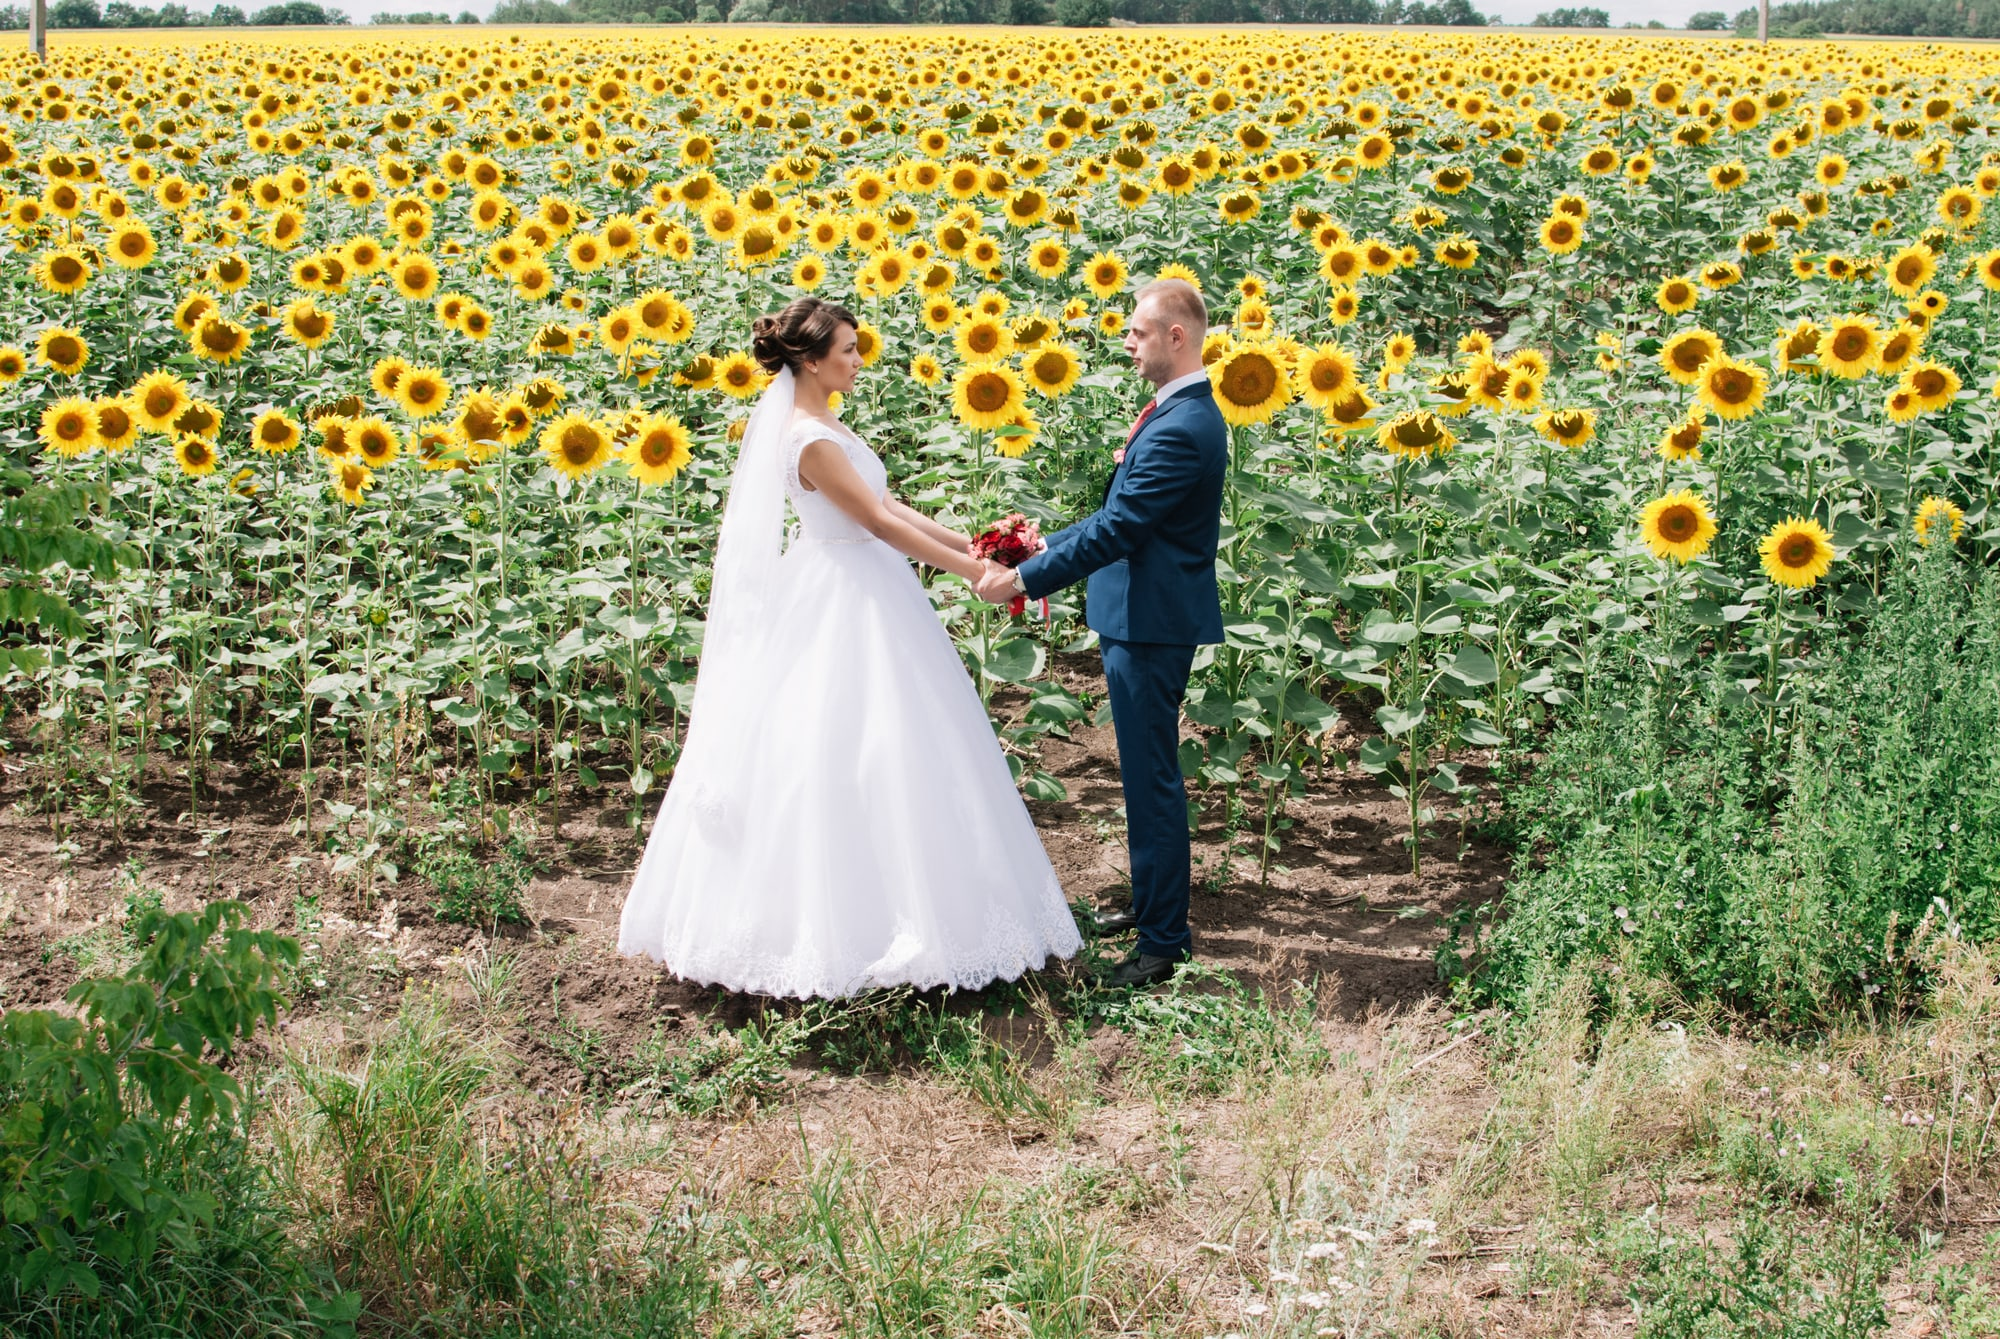 Жених и невеста в подсолнухах - Фотограф Киев - Женя Лайт